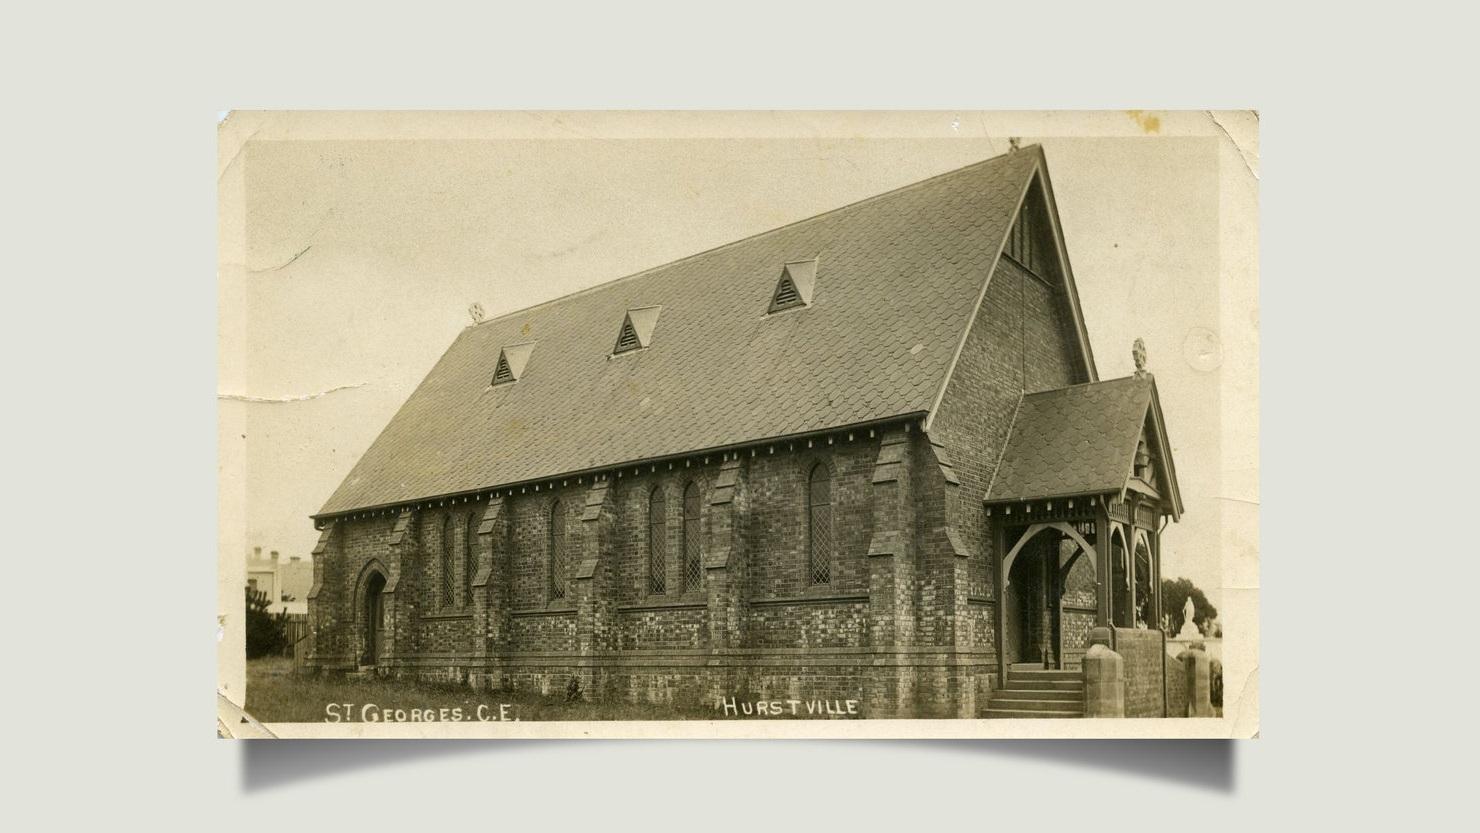 St George's circa 1910